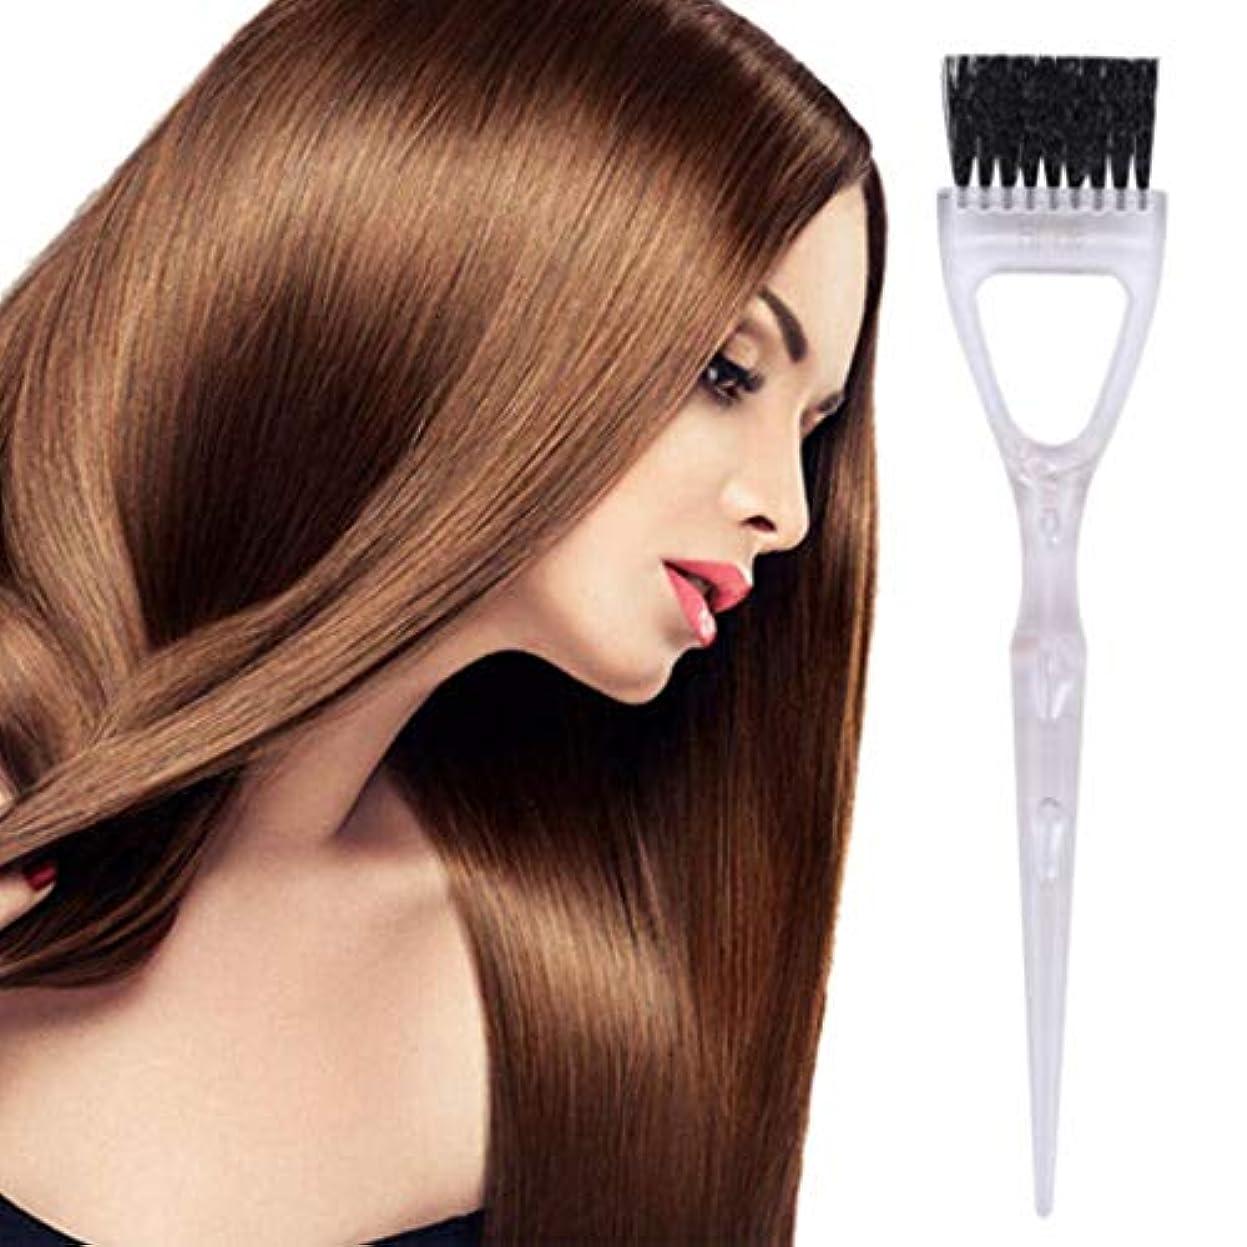 光の契約する攻撃染毛ブラシヘアブラシサロンコームヘアカラーブラシ染めトーンツールキット、カラーケアの染毛ケラチン